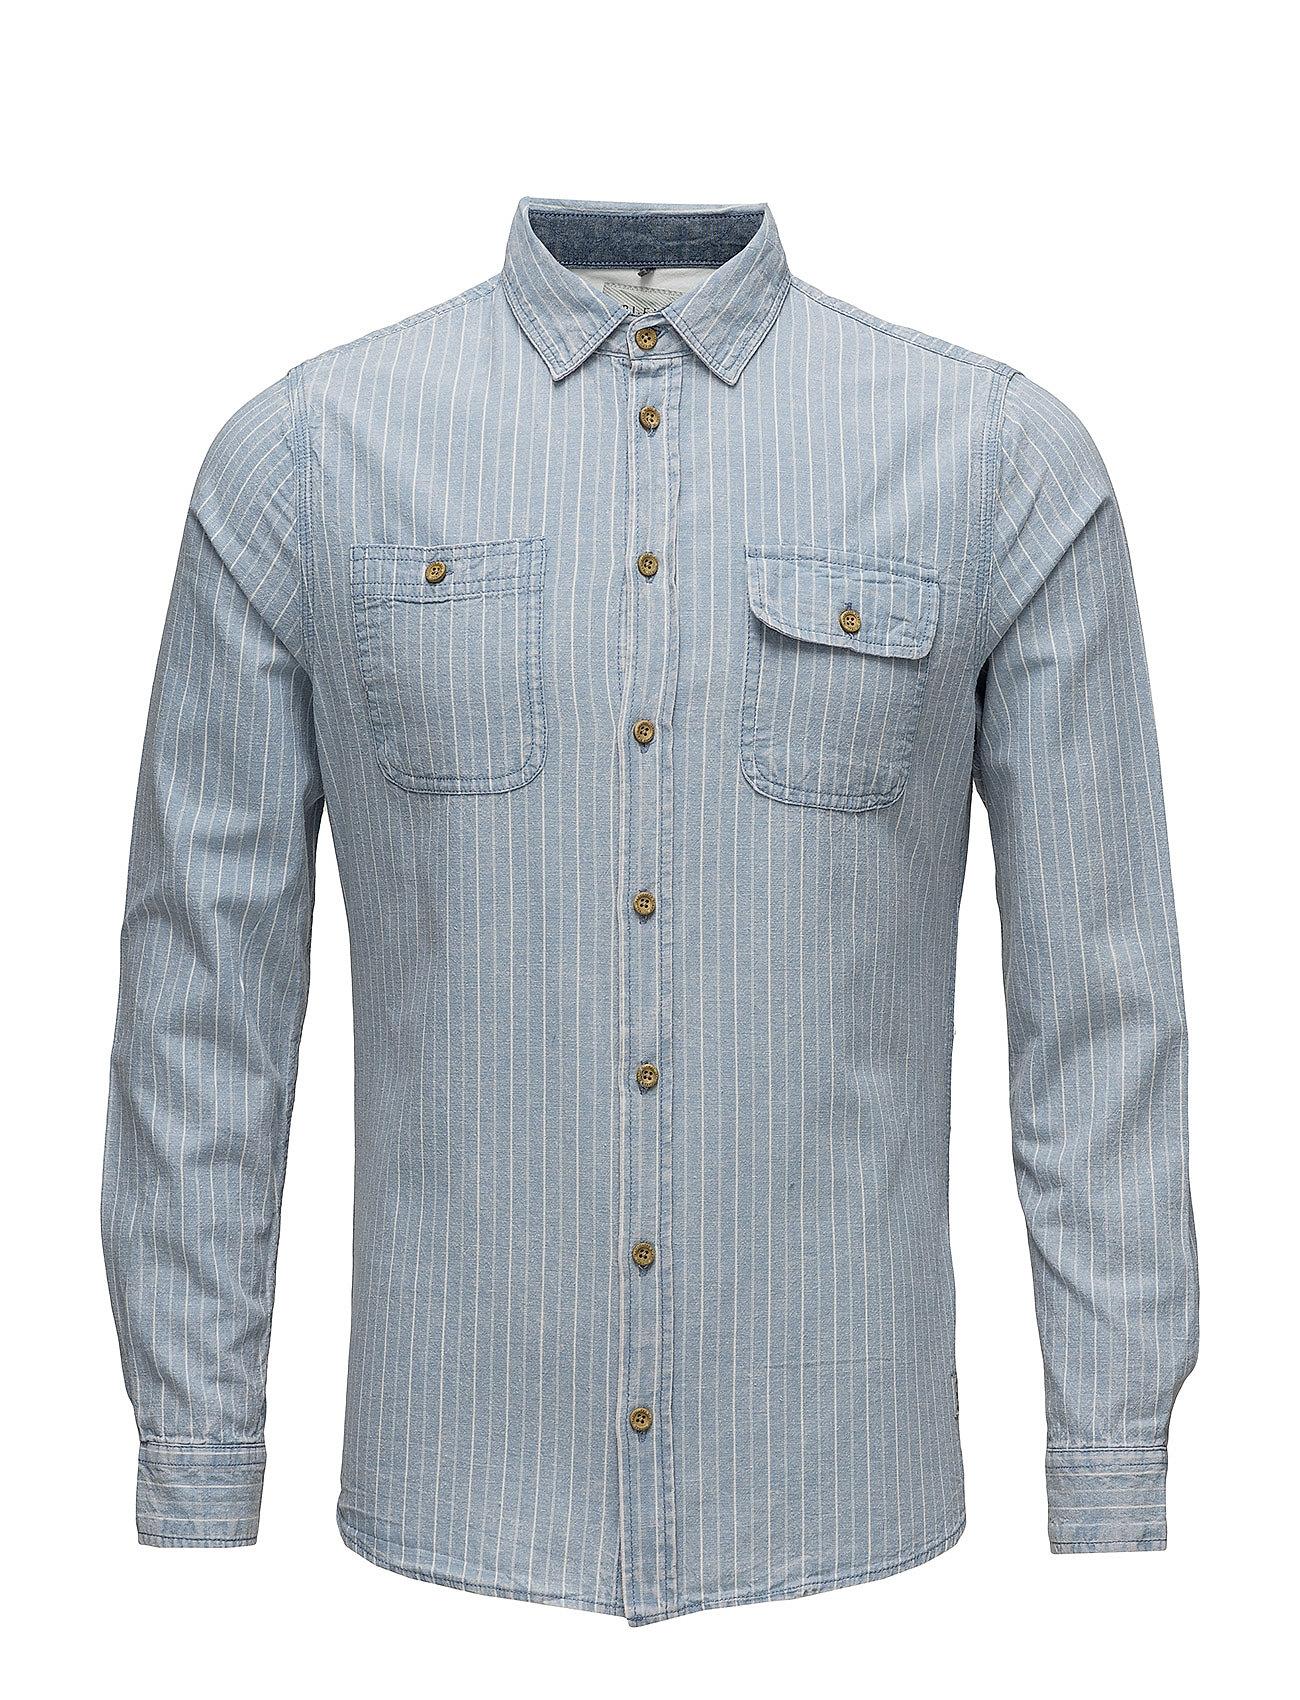 Blend Shirt - STEEL BLUE